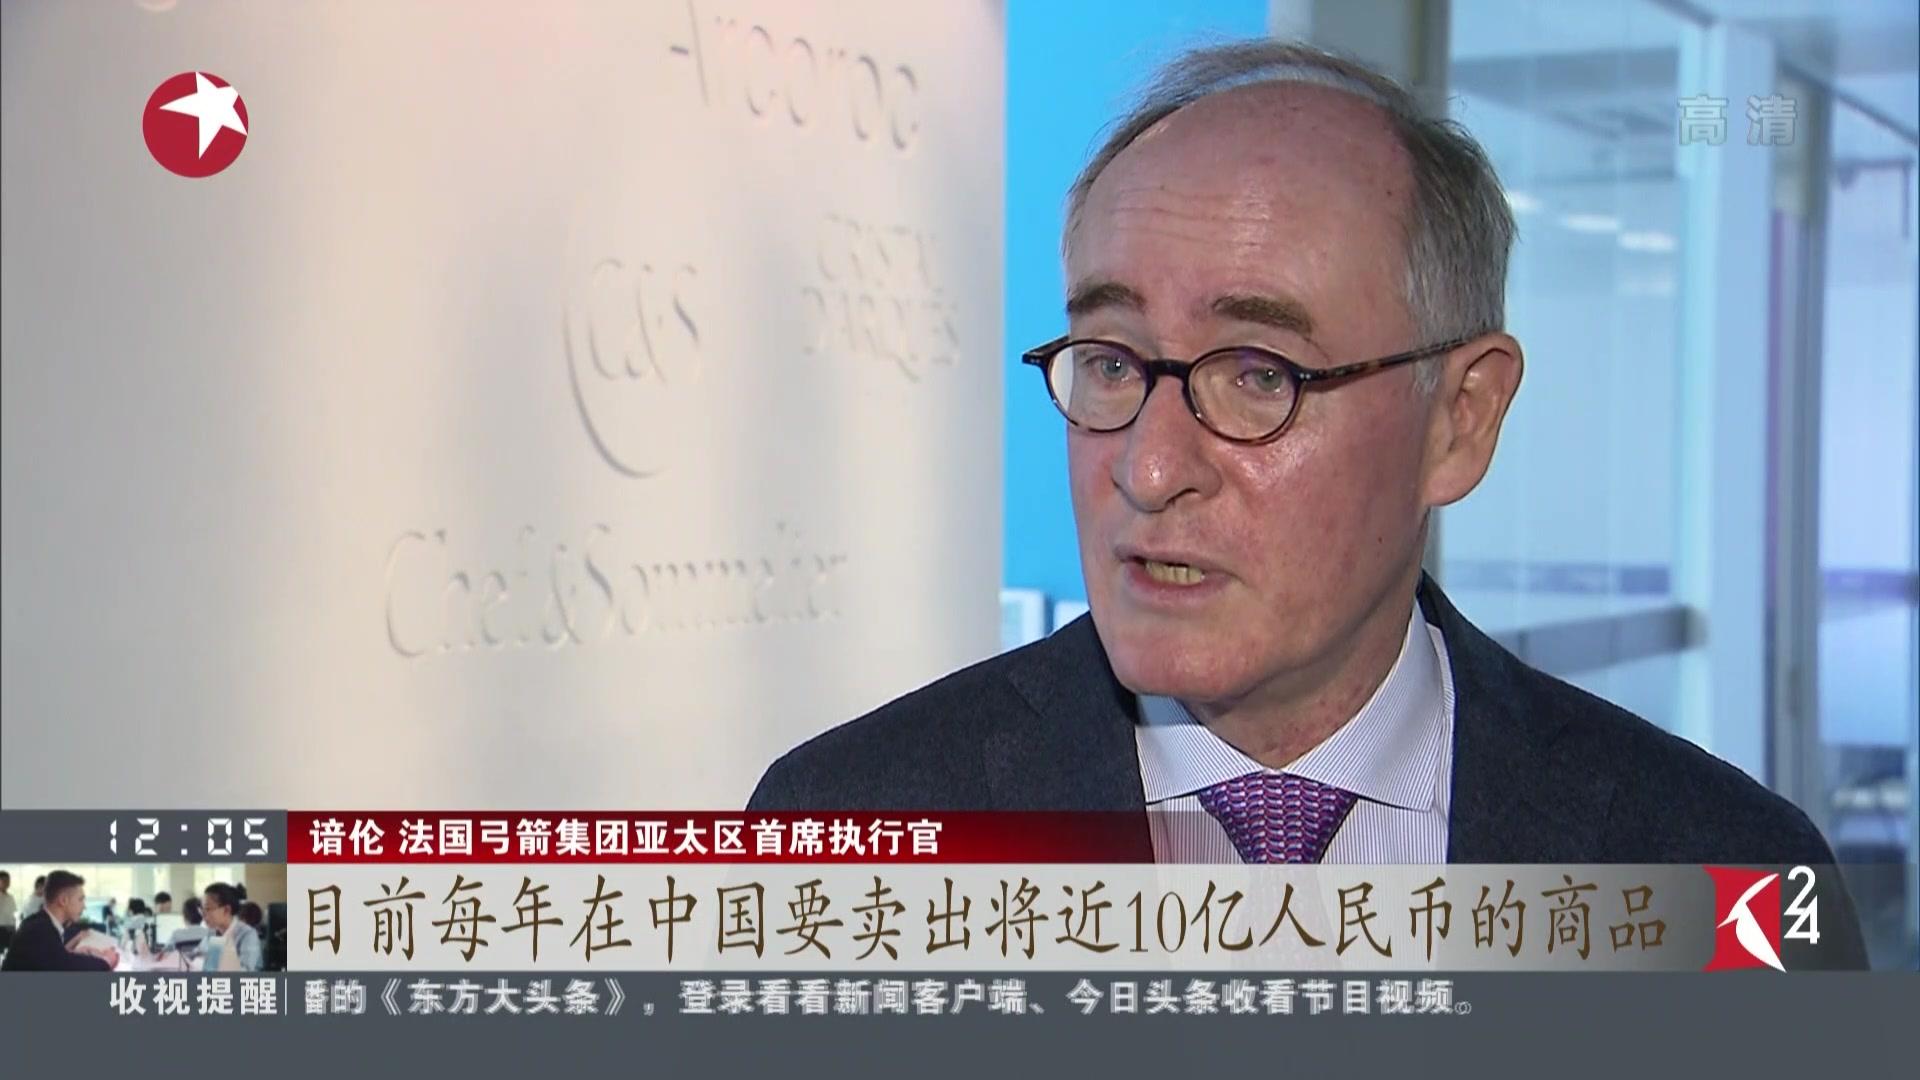 """进口博览会:在中国""""买全球"""" """"接地气""""消费日用品云集"""